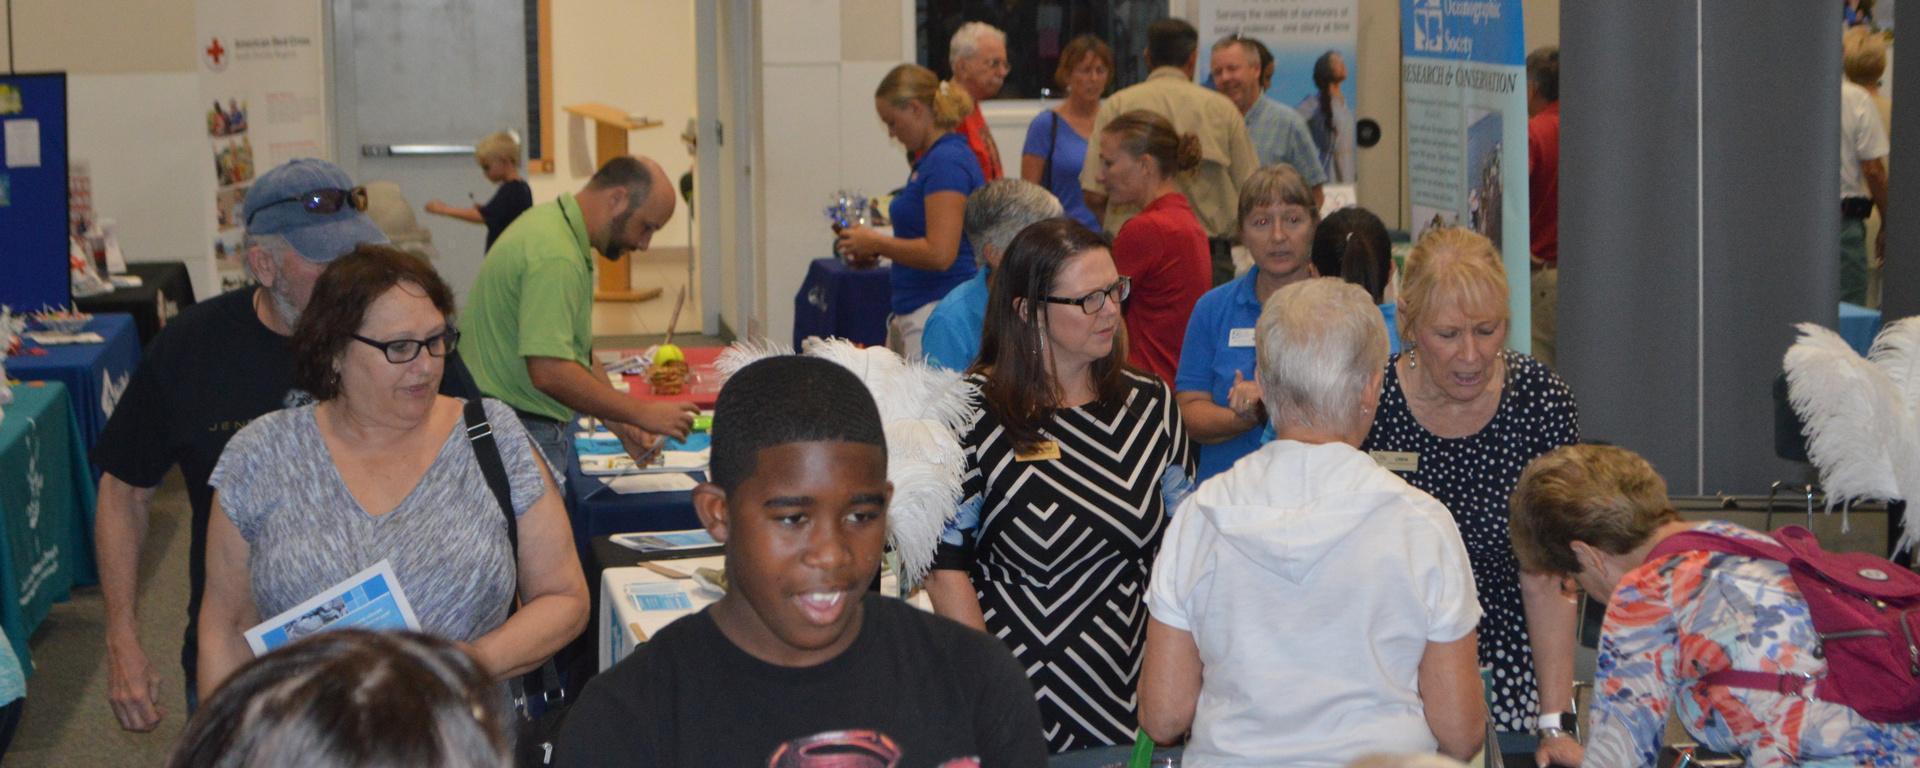 crowd of people at the volunteer fair